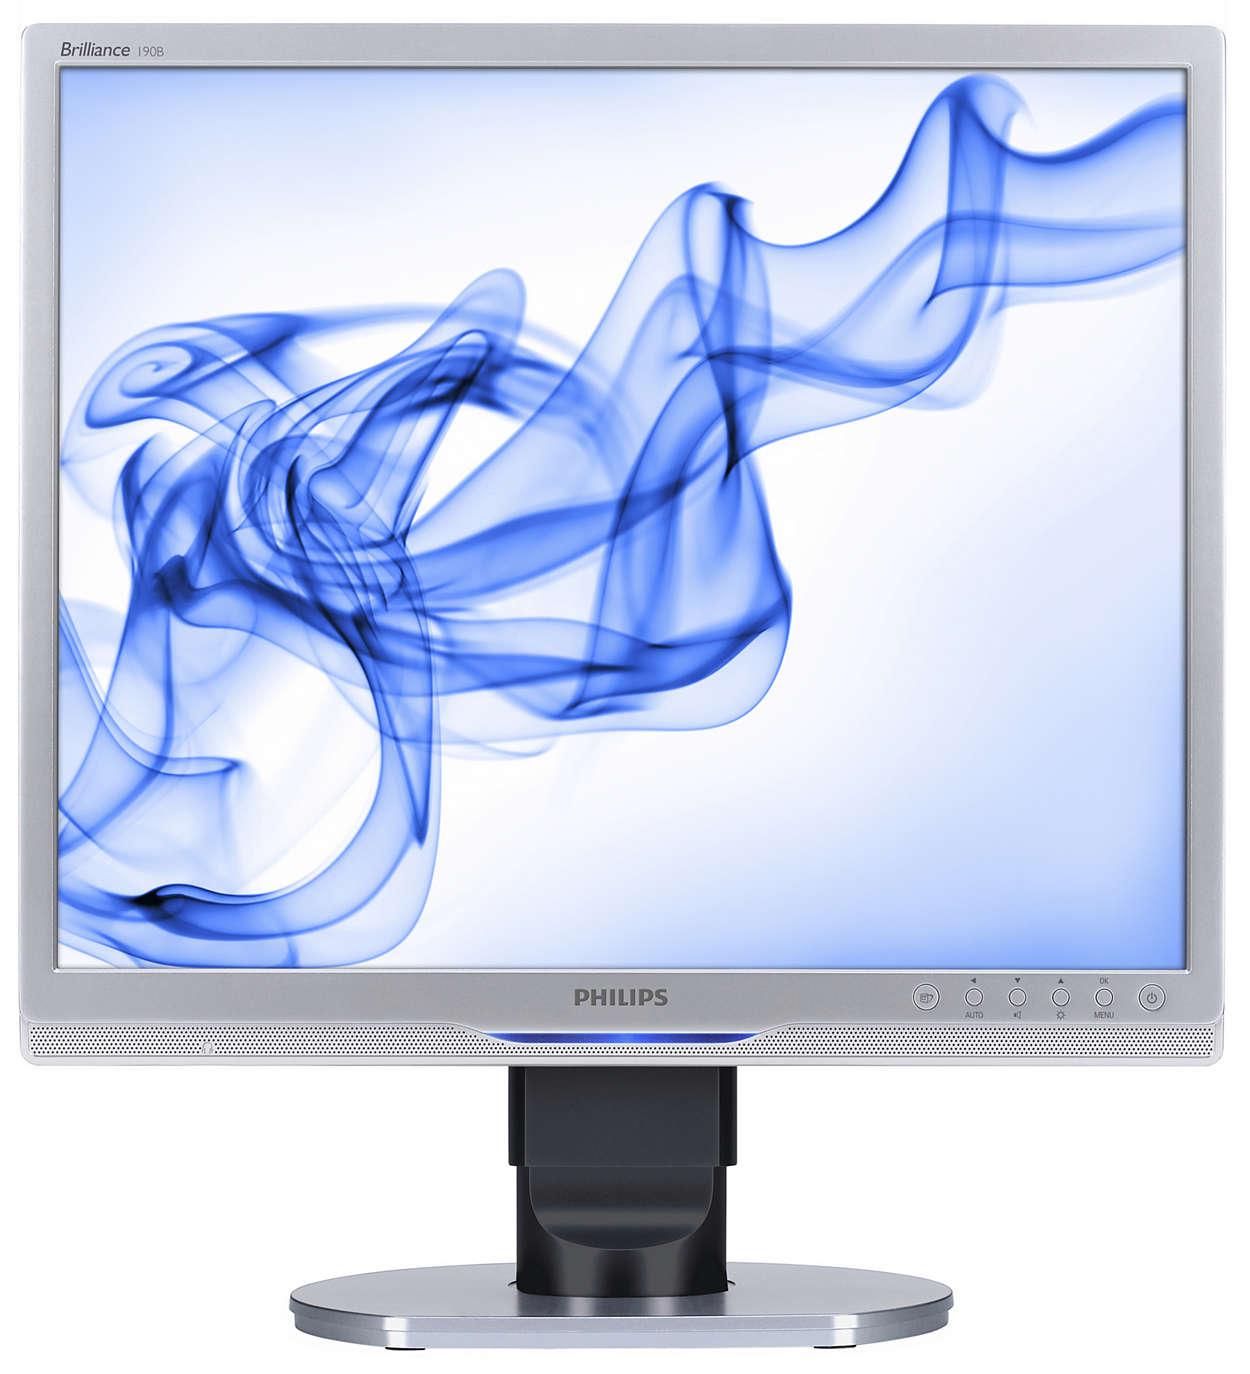 Ergonomikus képernyő üzleti célra, a nagyobb hatékonyságért